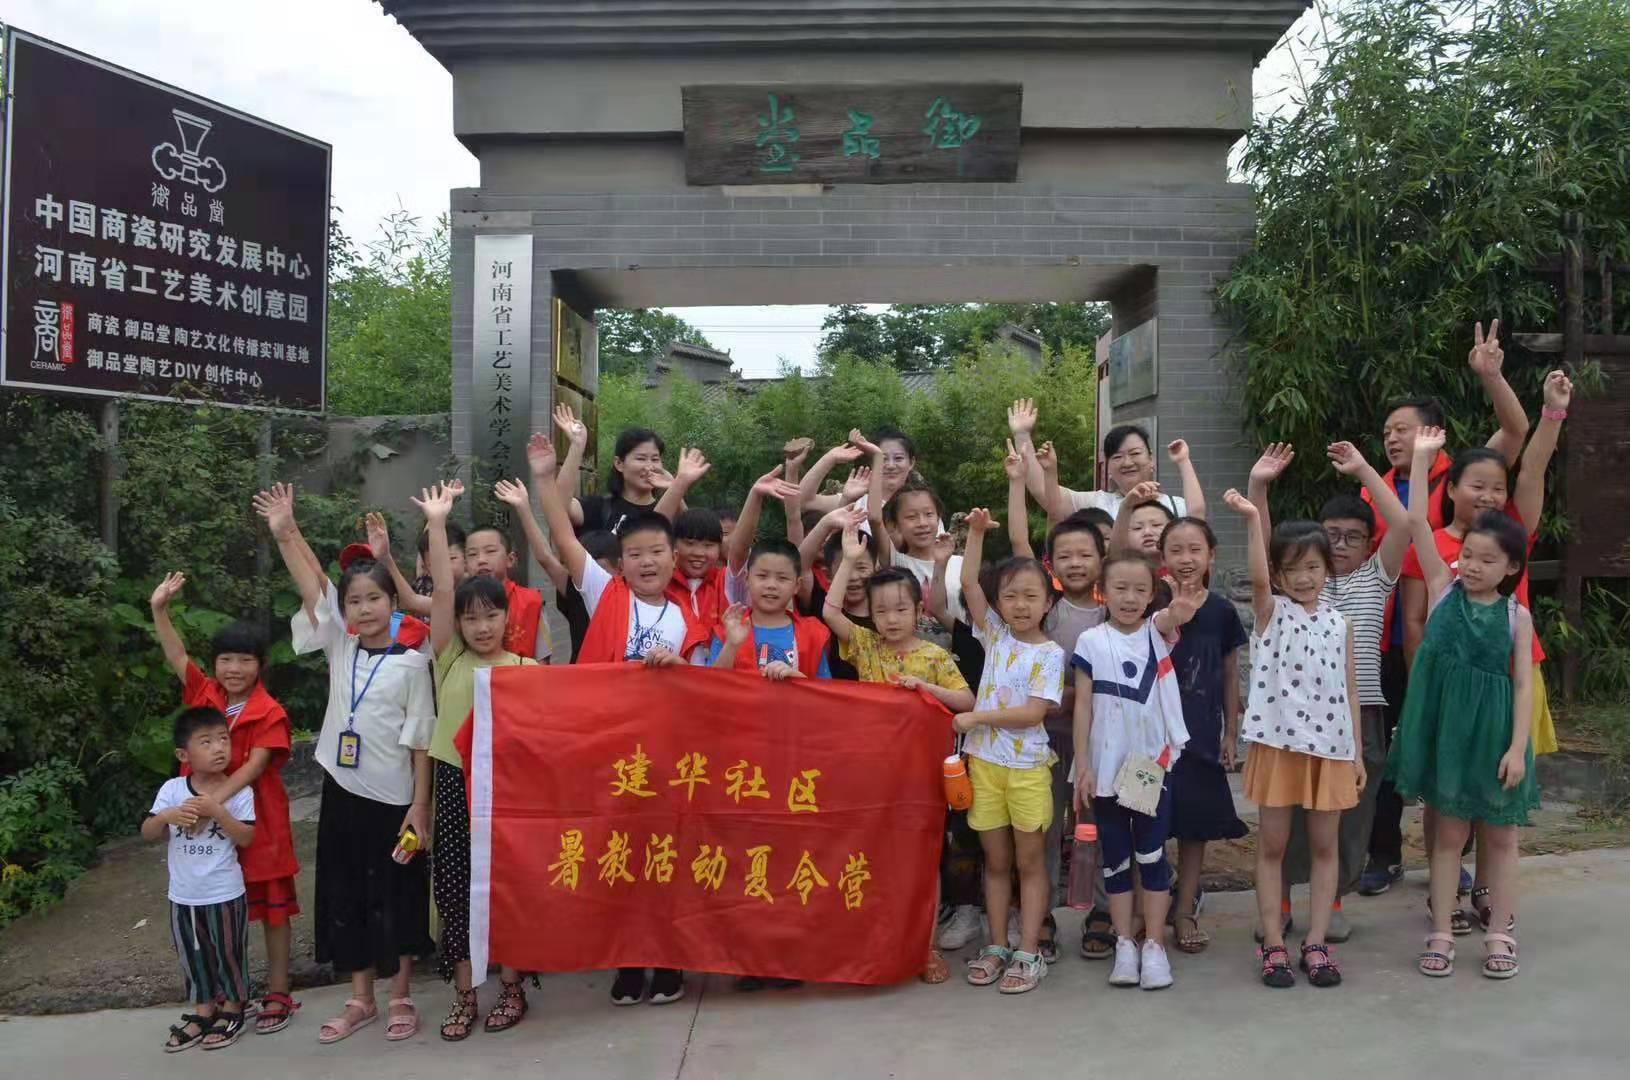 郑州市二七区建华社区开展青少年暑期陶艺体验活动